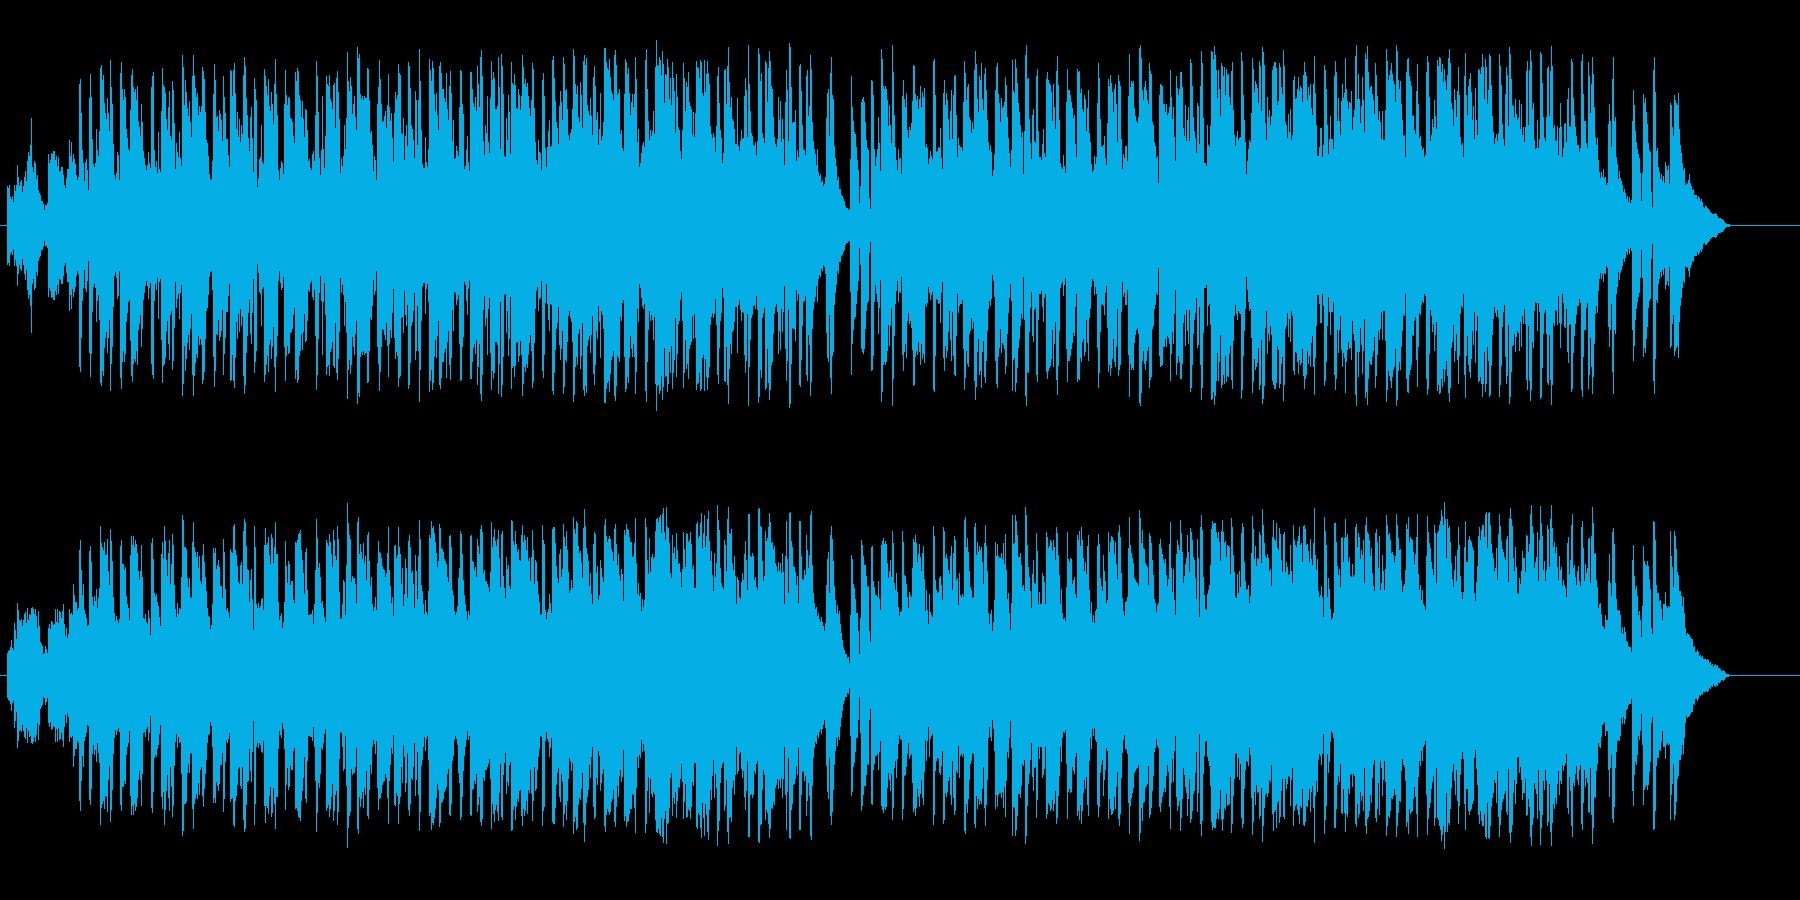 哀愁を誘うフレンチ・ポップ/マイナーの再生済みの波形